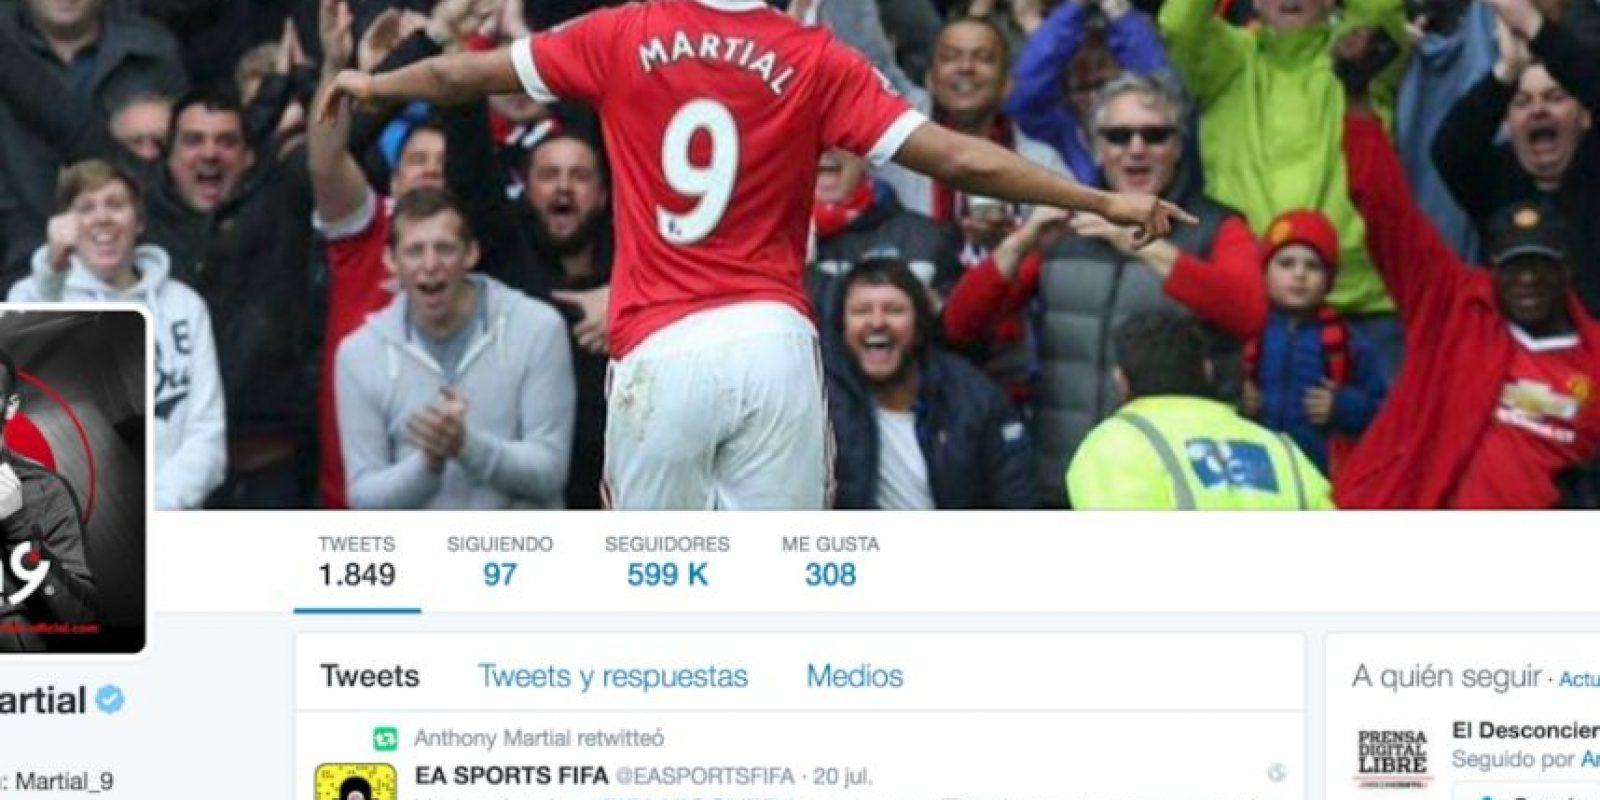 Anthony Martial no estaría contento con el cambio de número y subió una foto a Twitter utilizando la camiseta '9' Foto:Captura de pantalla Twiter Anthony Martial